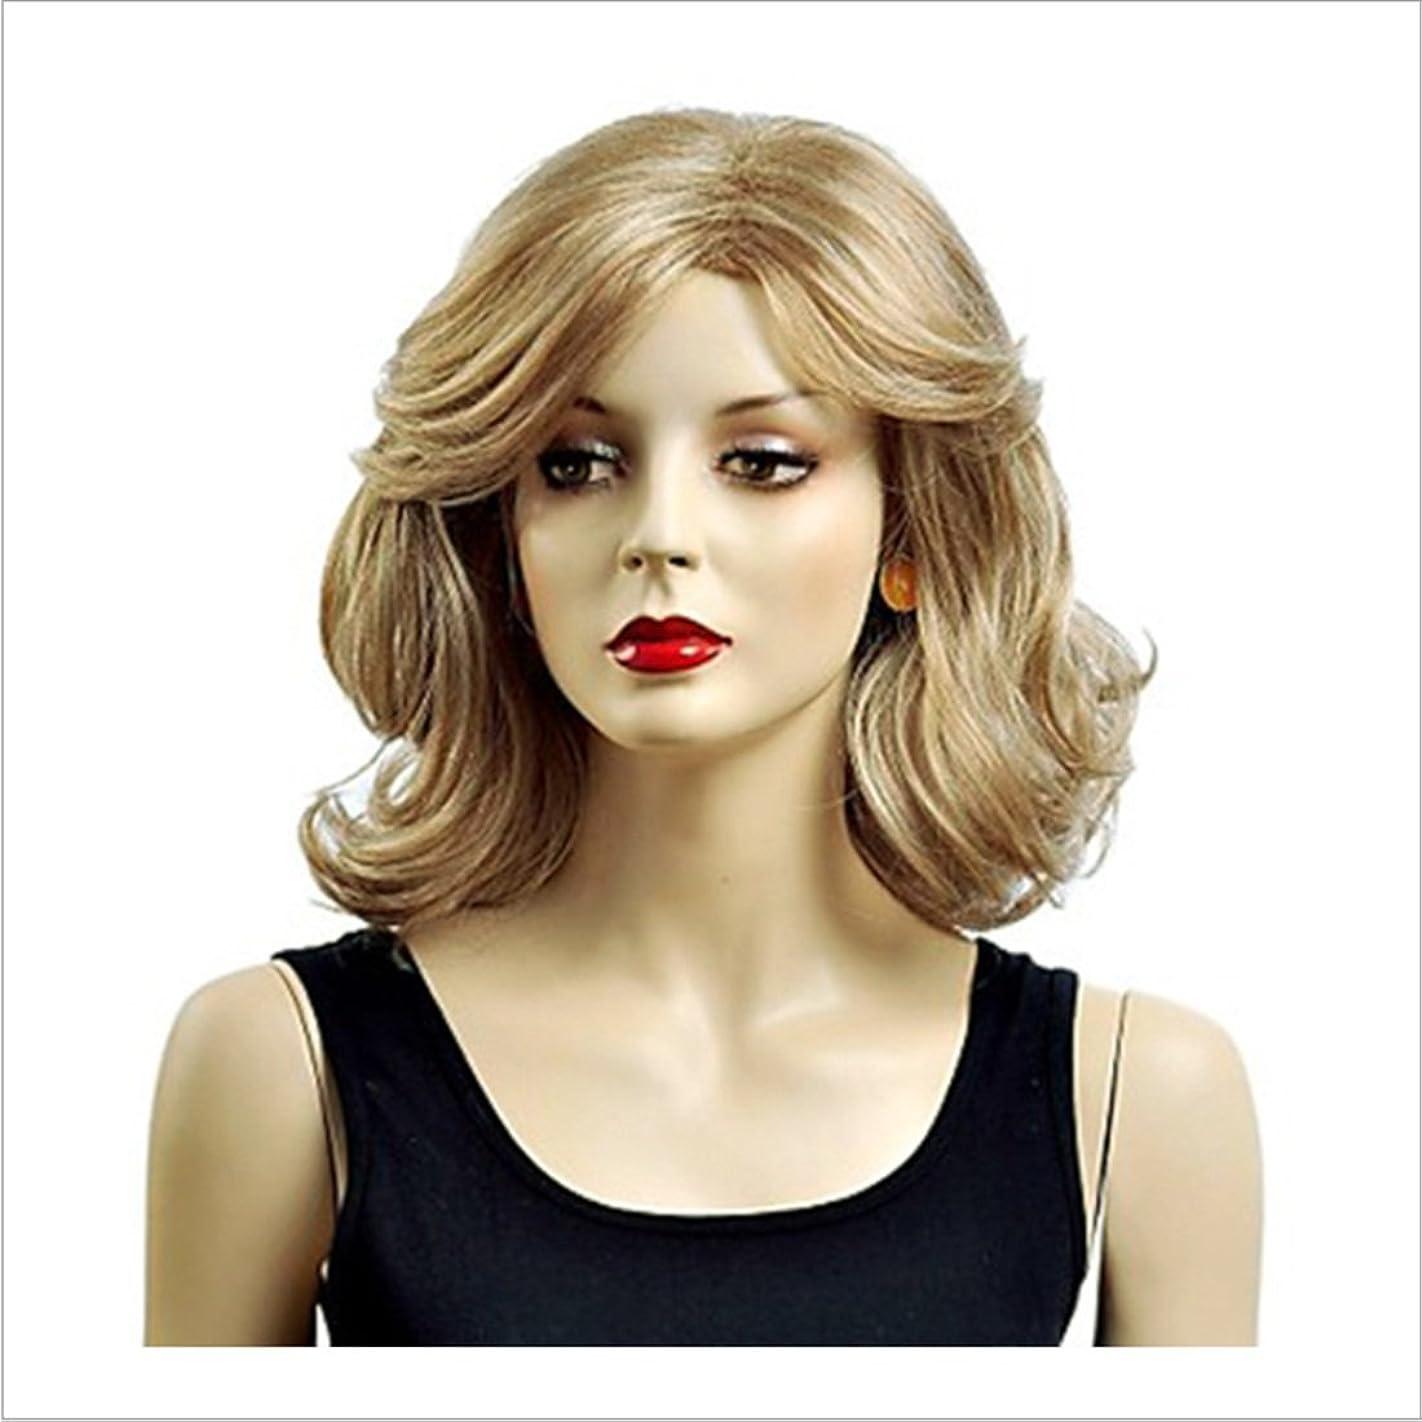 広くおんどり繰り返すYrattary 白人女性のためのかつらゴールドカーリーウィッグショートふわふわウェーブのかかった人工毛ナチュラルルッキングカーリーウィッグデイリーウィッグ耐熱で分割前髪付き16 '' 180g(ゴールド)ファッションウィッグ (色 : 金色)